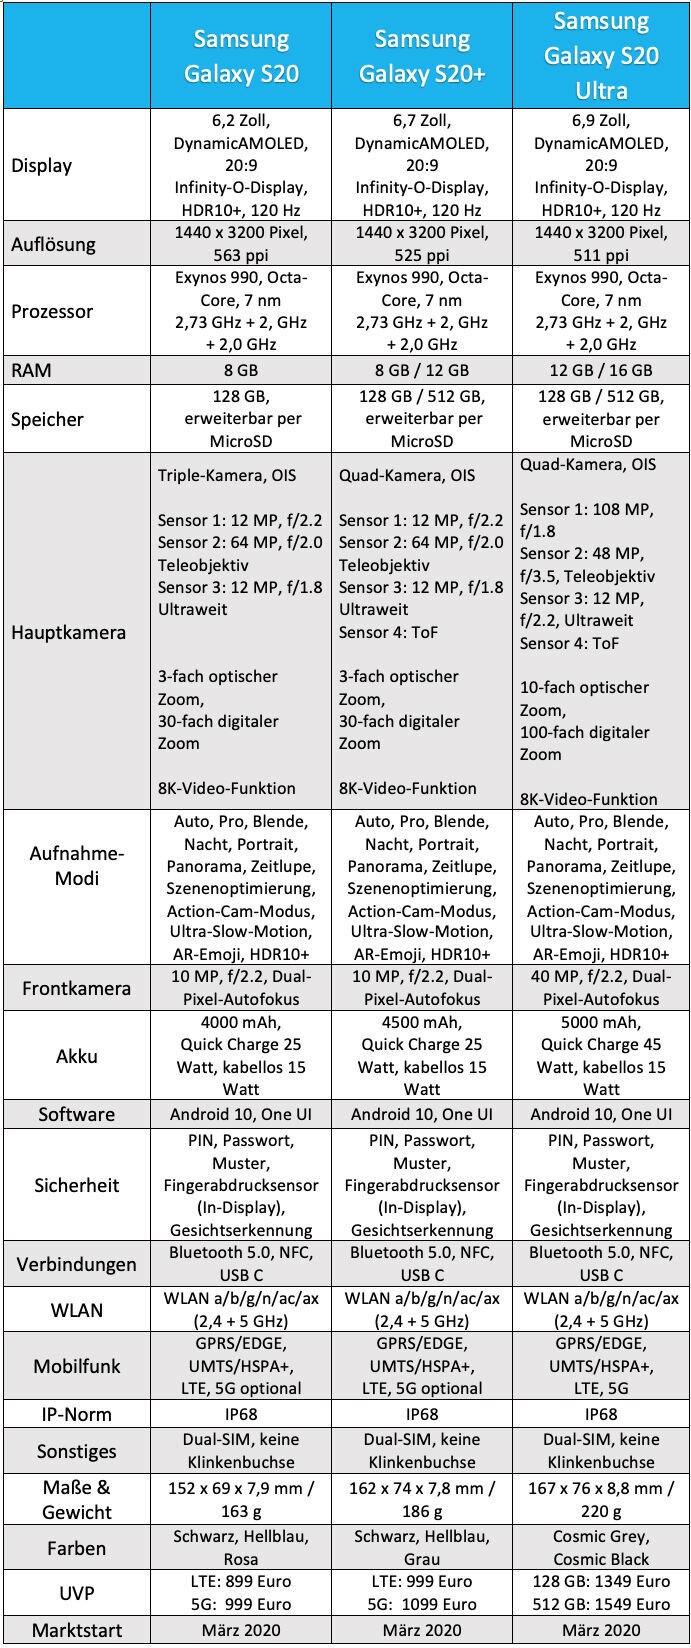 Daten der Galaxy-S20-Modelle im Vergleich